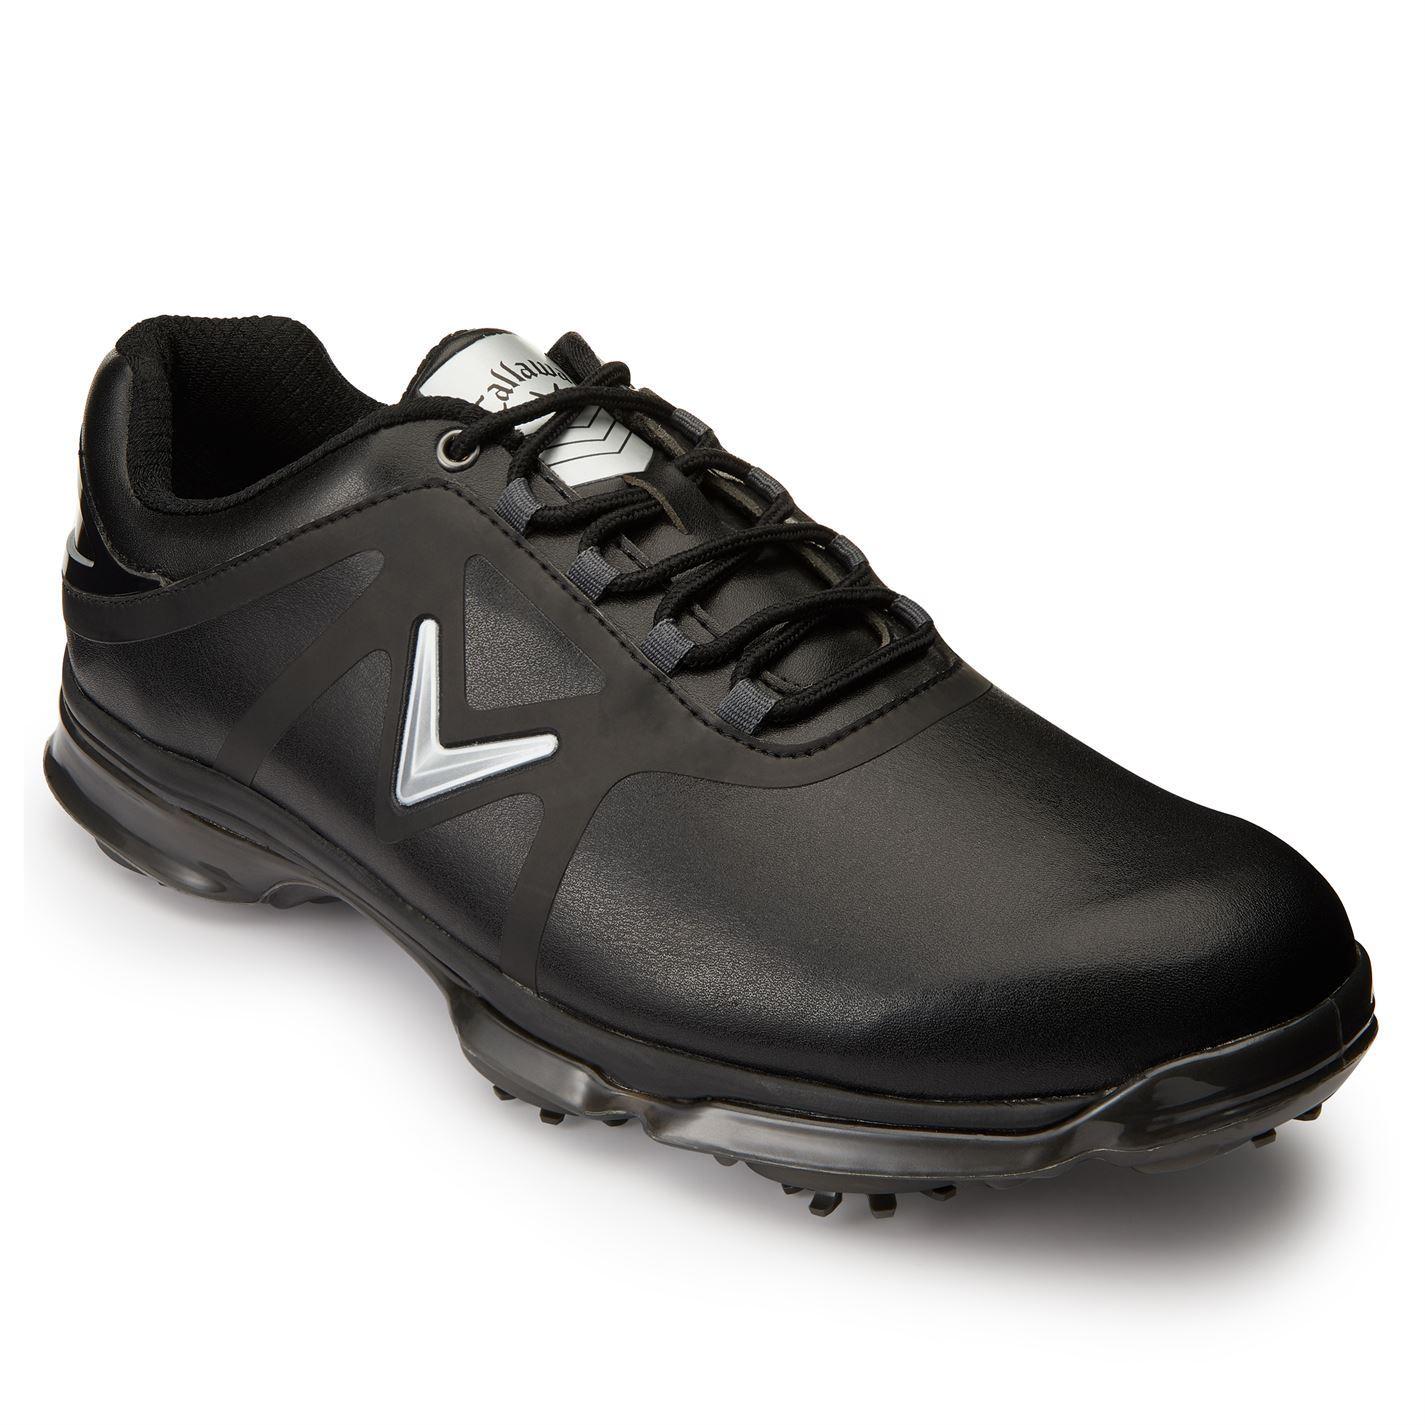 Callaway-XTT-Comfort-Spiked-Golf-Shoes-Mens-Spikes-Footwear thumbnail 6